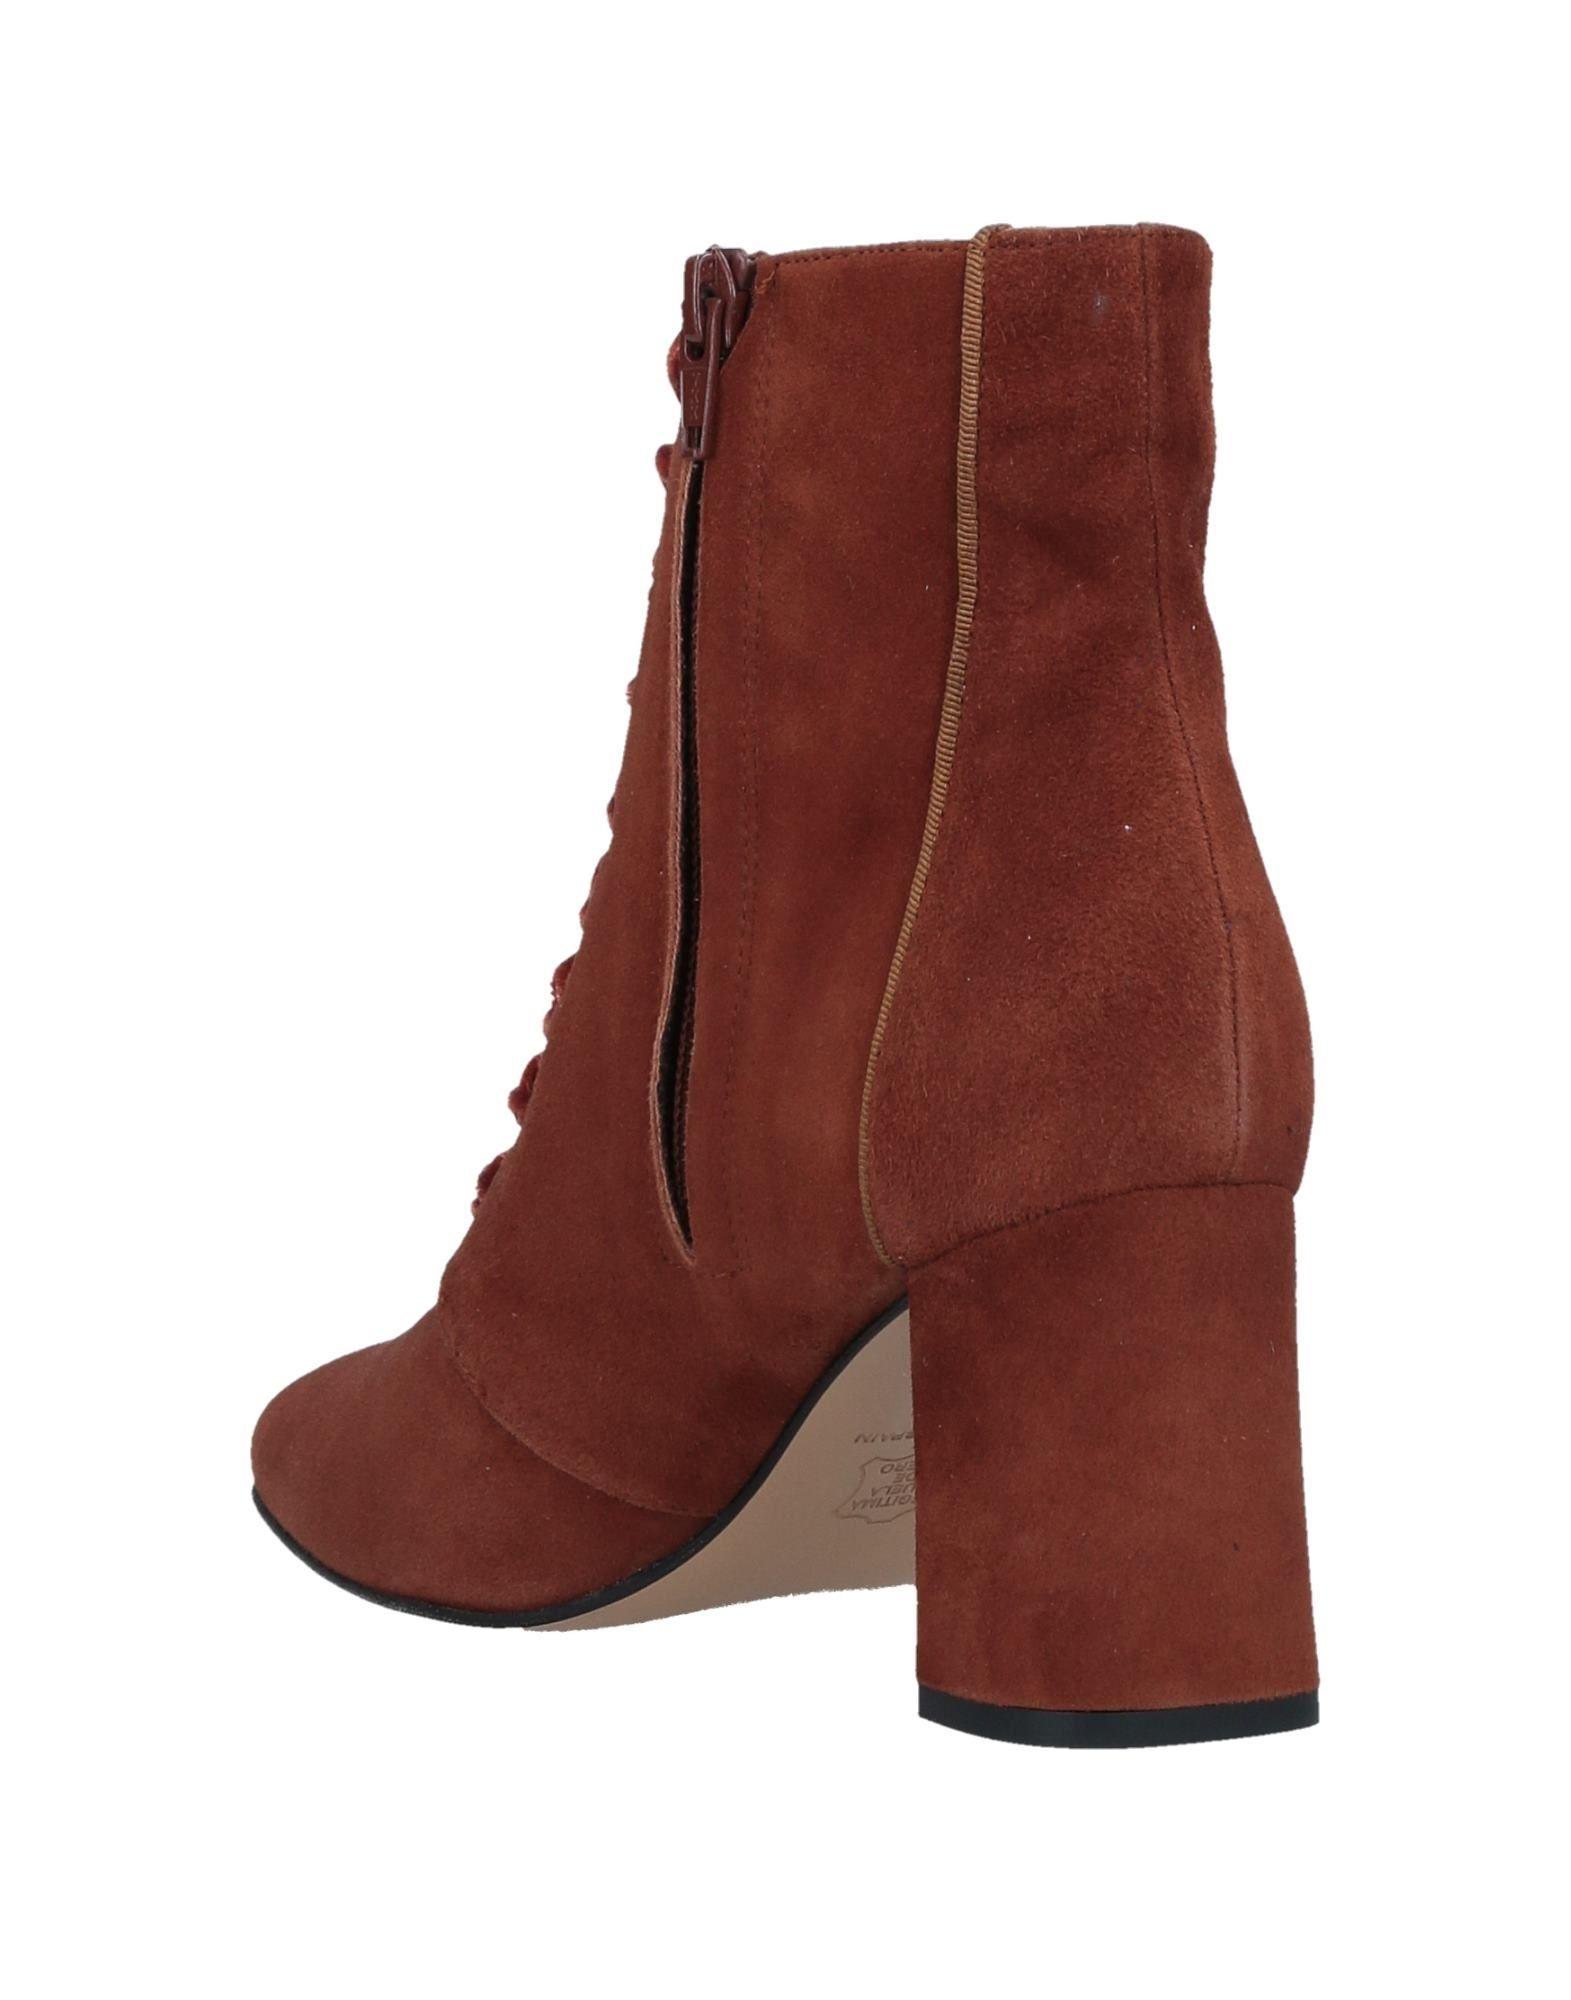 Gut tragenFratelli um billige Schuhe zu tragenFratelli Gut Karida Stiefelette Damen  11527843BW da8f5f